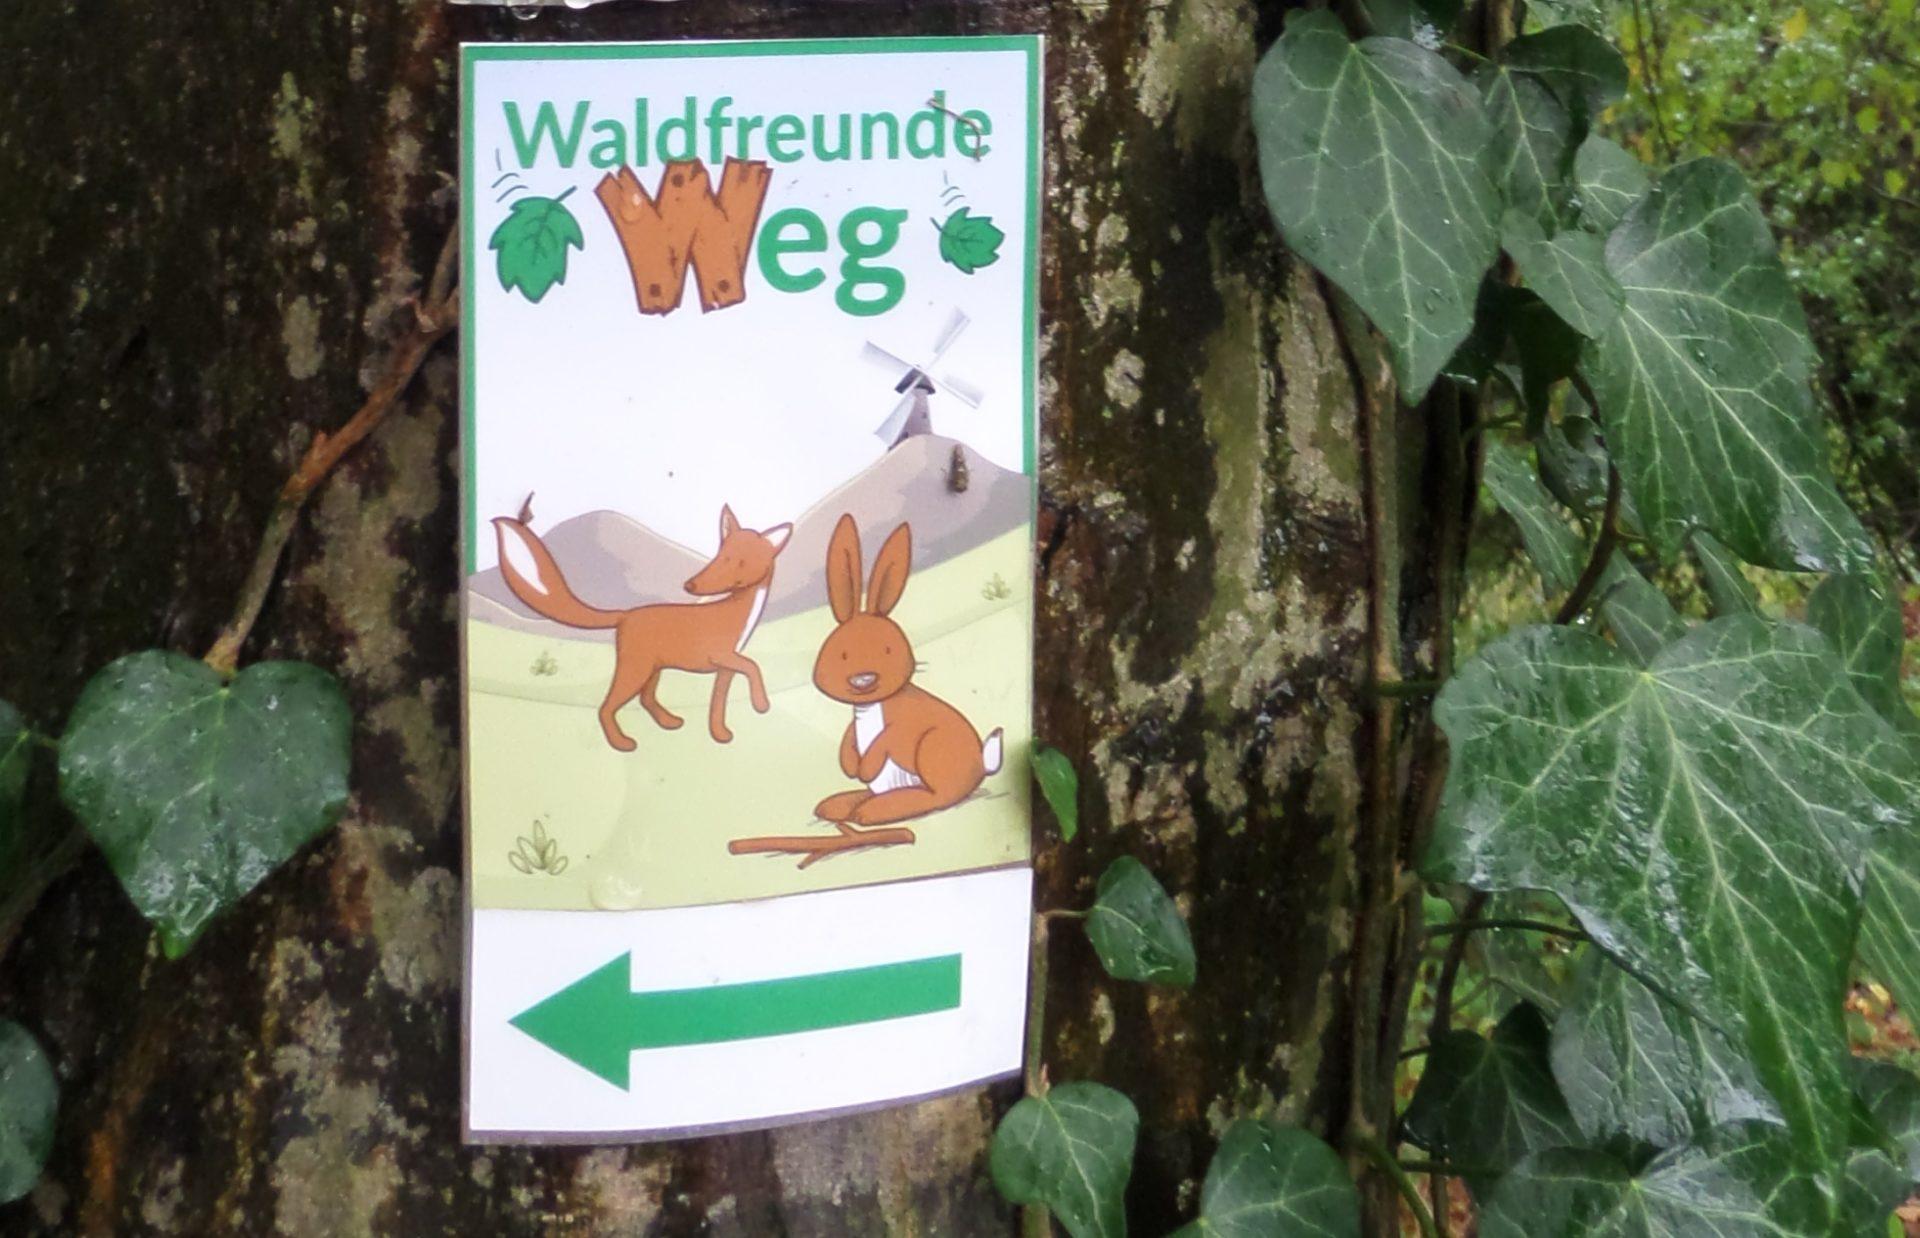 """Schil und Wegweiser """"Waldfreunde Weg"""" am Baum."""